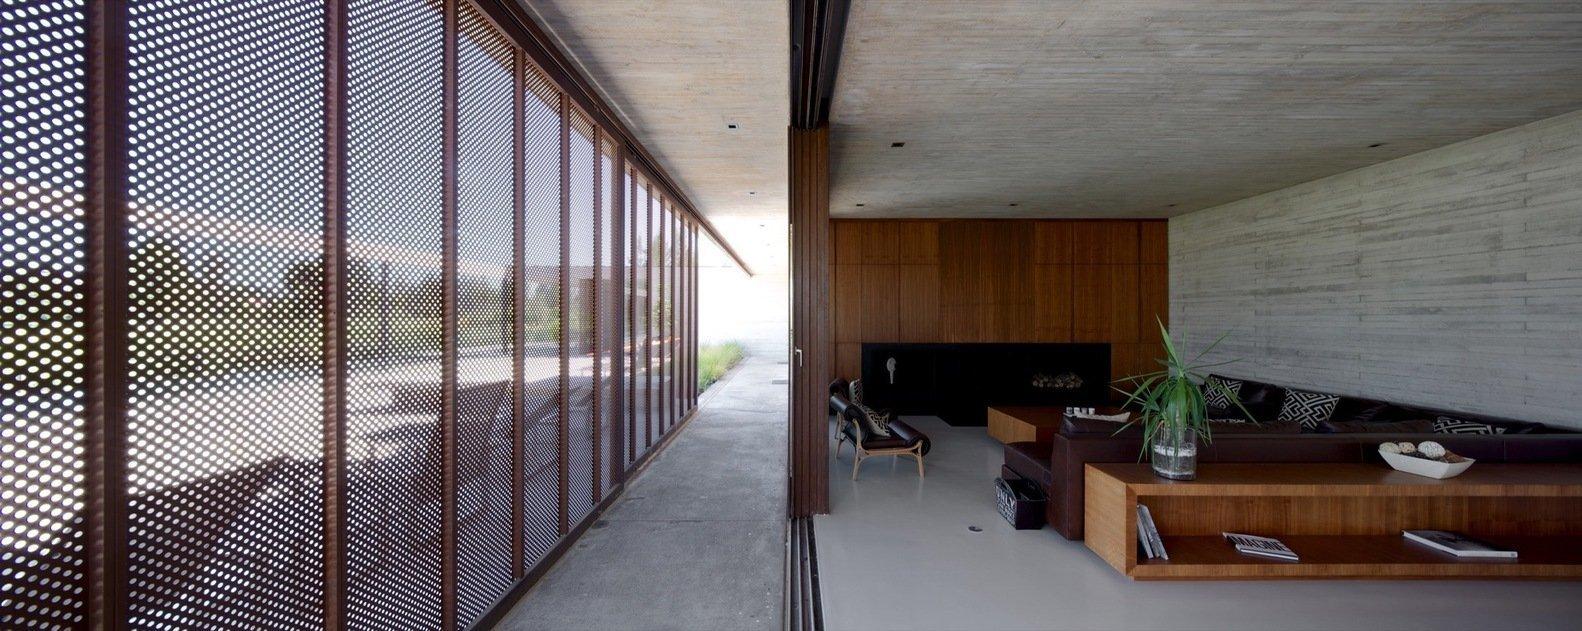 Luxus nemusí být vždy okázalý a do očí bijící. Majitelé rozlehlého sídla v chilském městě Linderos zvolili zcela opačný přístup. Ačkoli vybudovali svůj domov uprostřed golfového resortu, jejich dům nestrhává zbytečnou pozornost a poskytuje svým obyvatelům klid a soukromí.